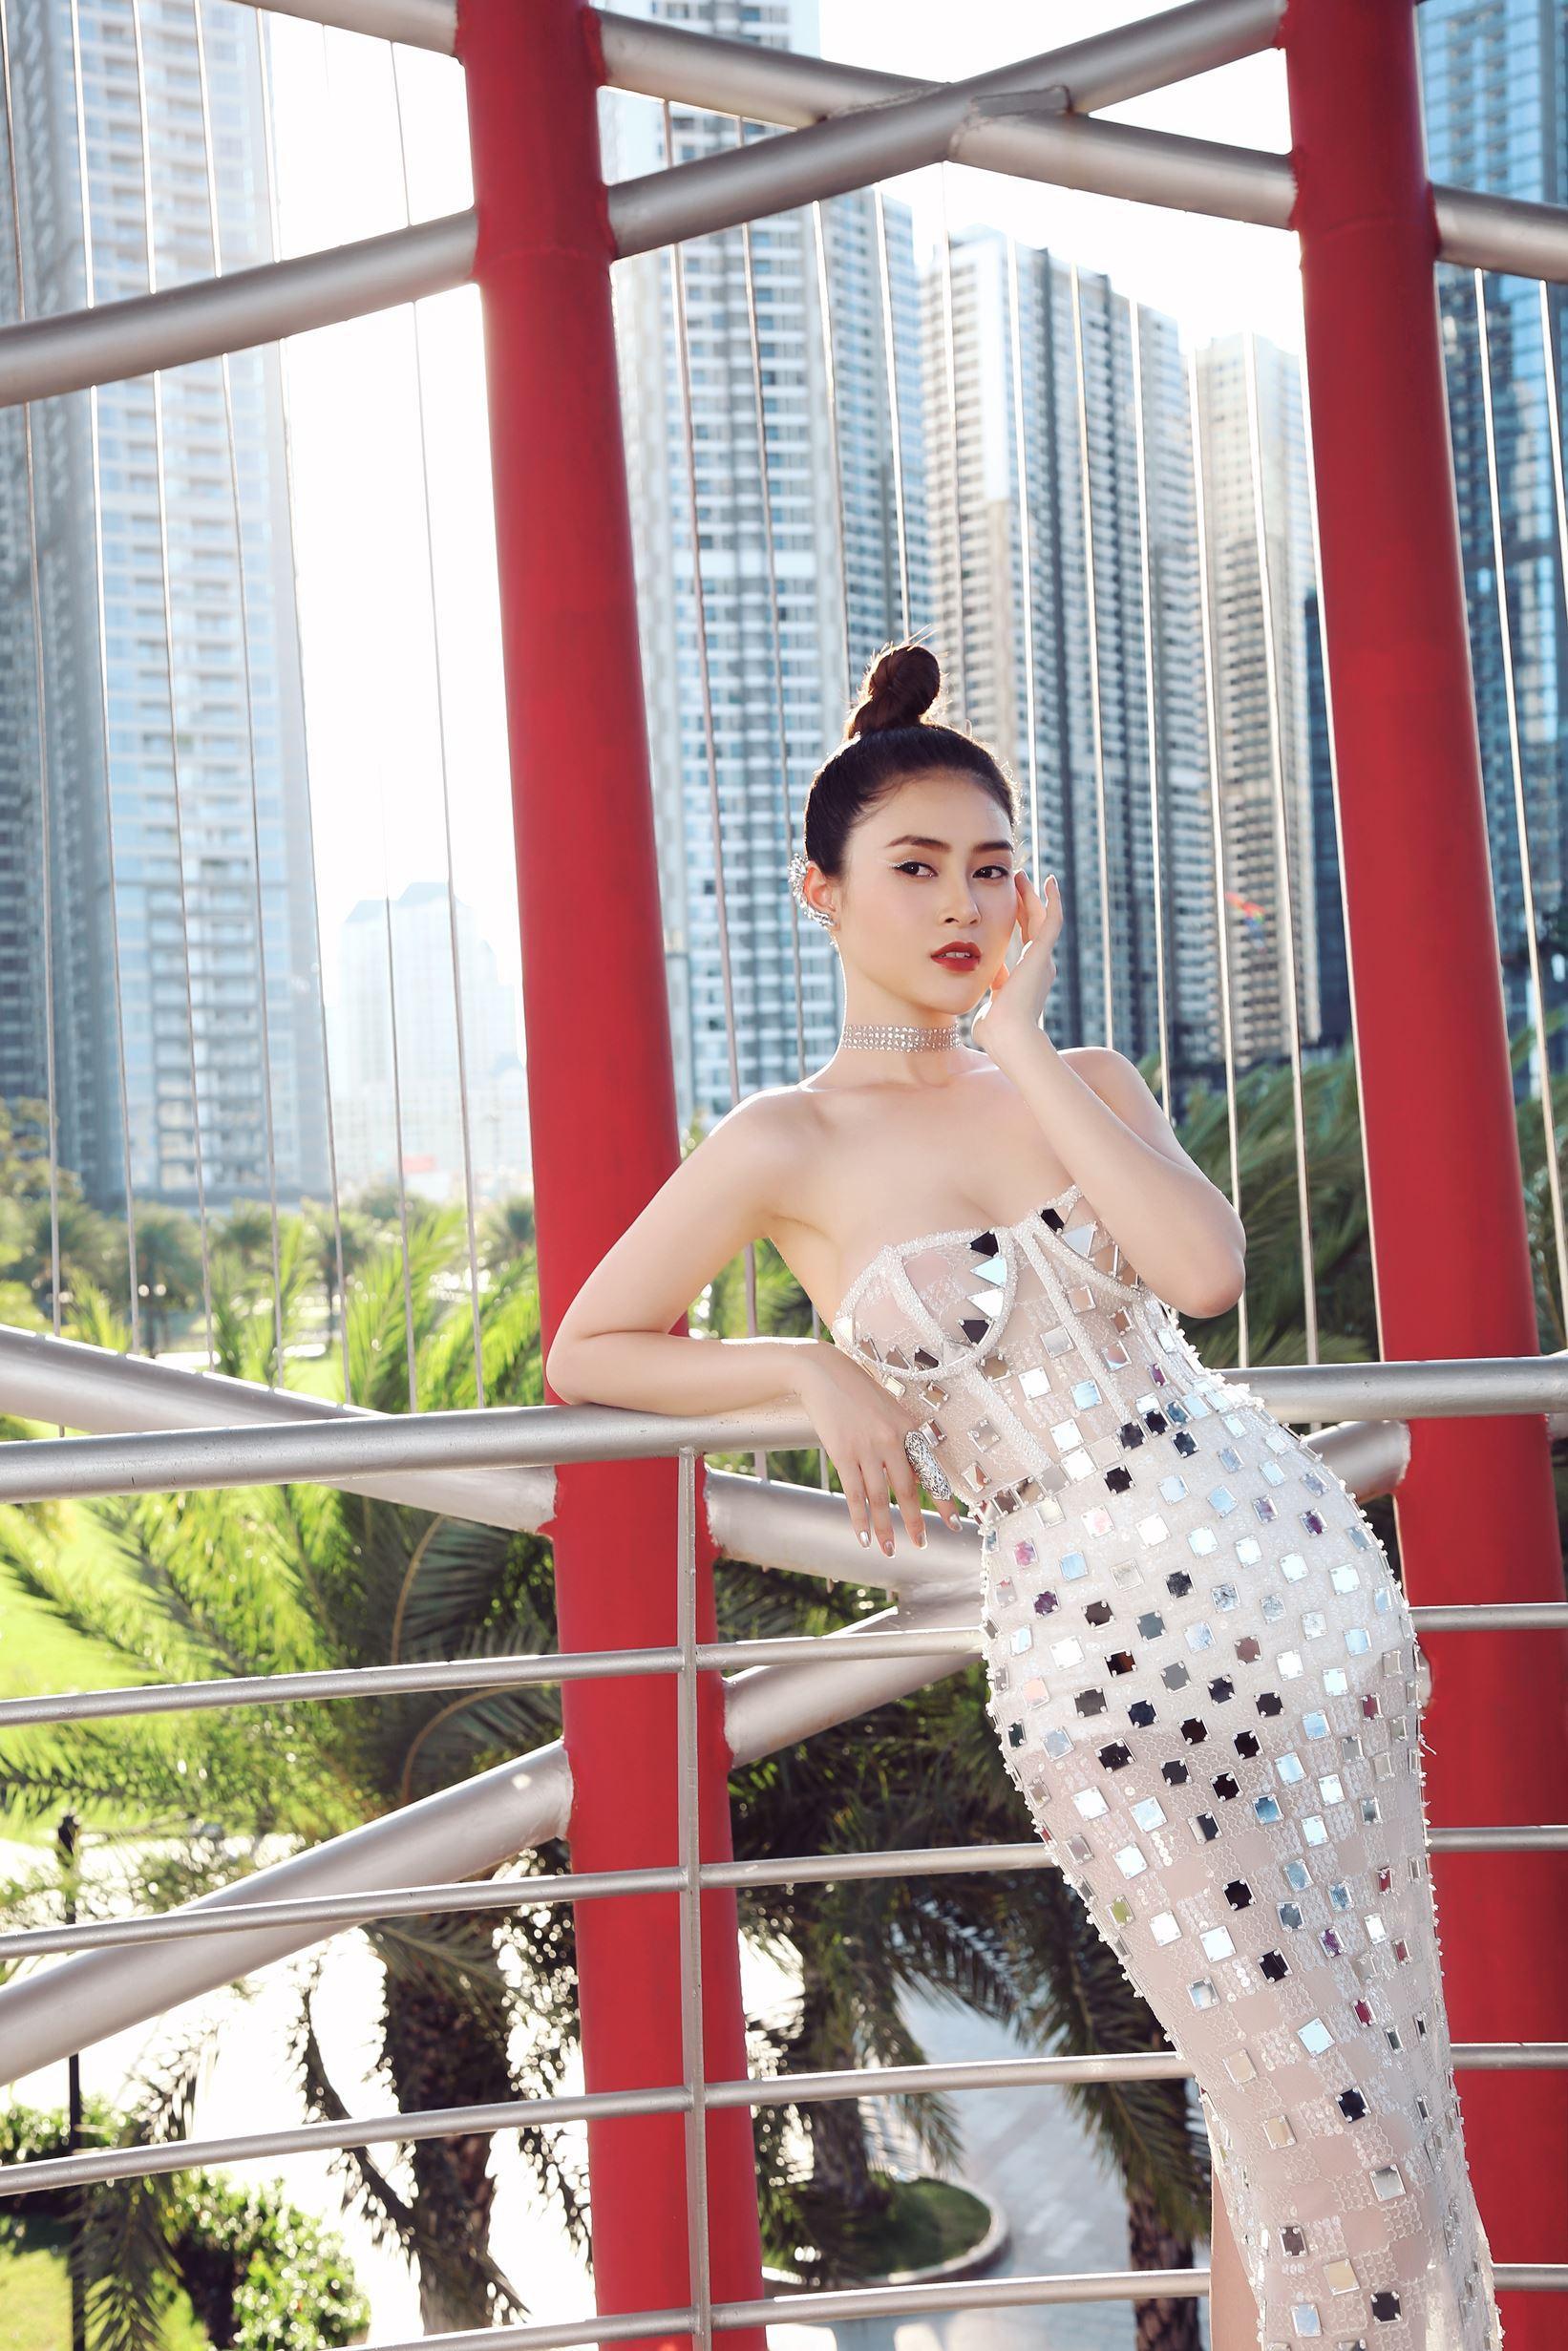 Á hậu Lý Kim Thảo khoe nhan sắc quyến rũ với trang phục gợi cảm Ảnh 2